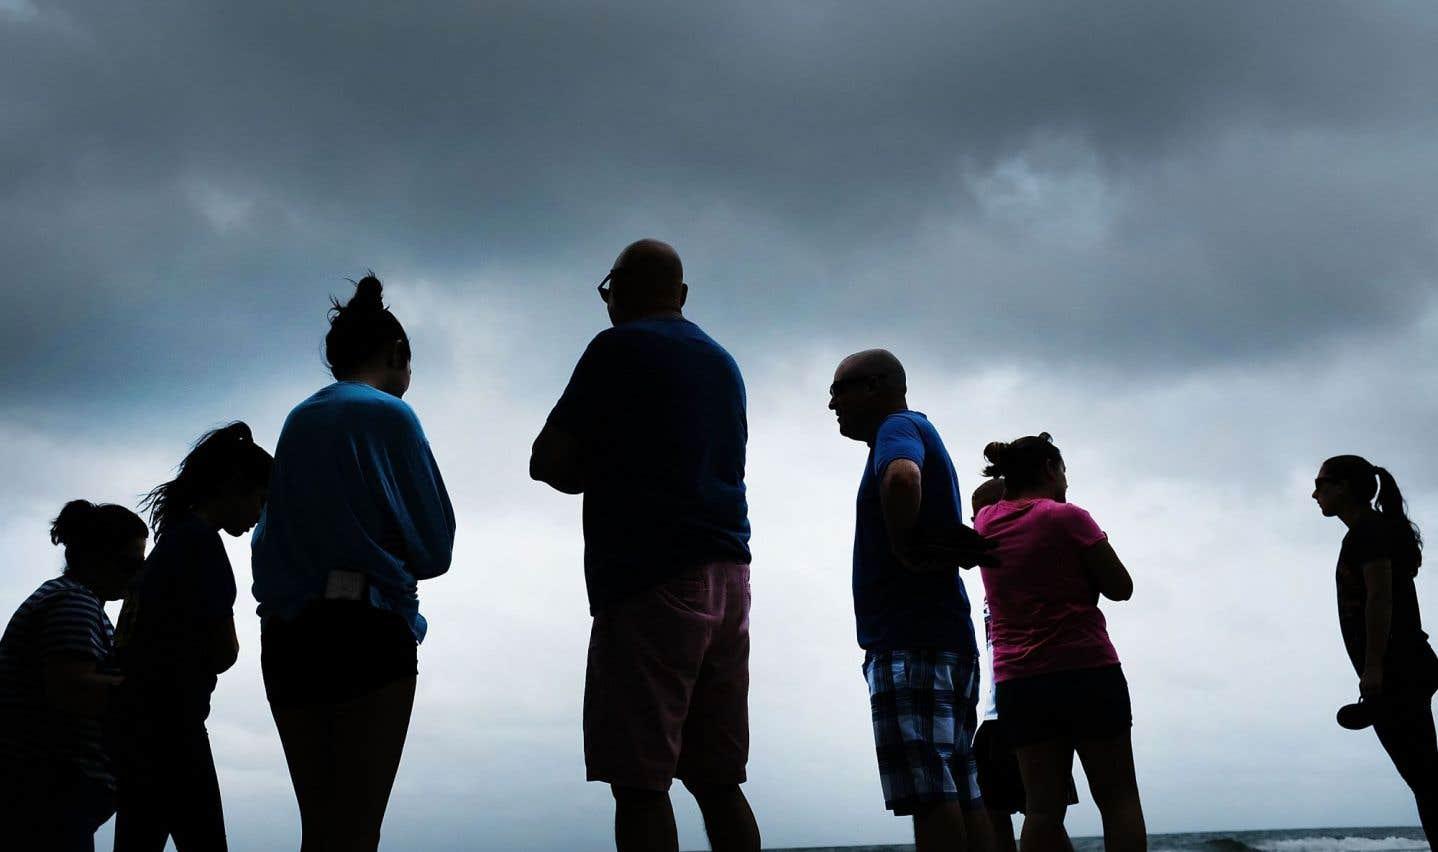 Des gens sont rassemblés autour sur la plage de Naples avant l'arrivée de l'ouragan «Irma» dans le sud-ouest de la Floride, le 9 septembre 2017.